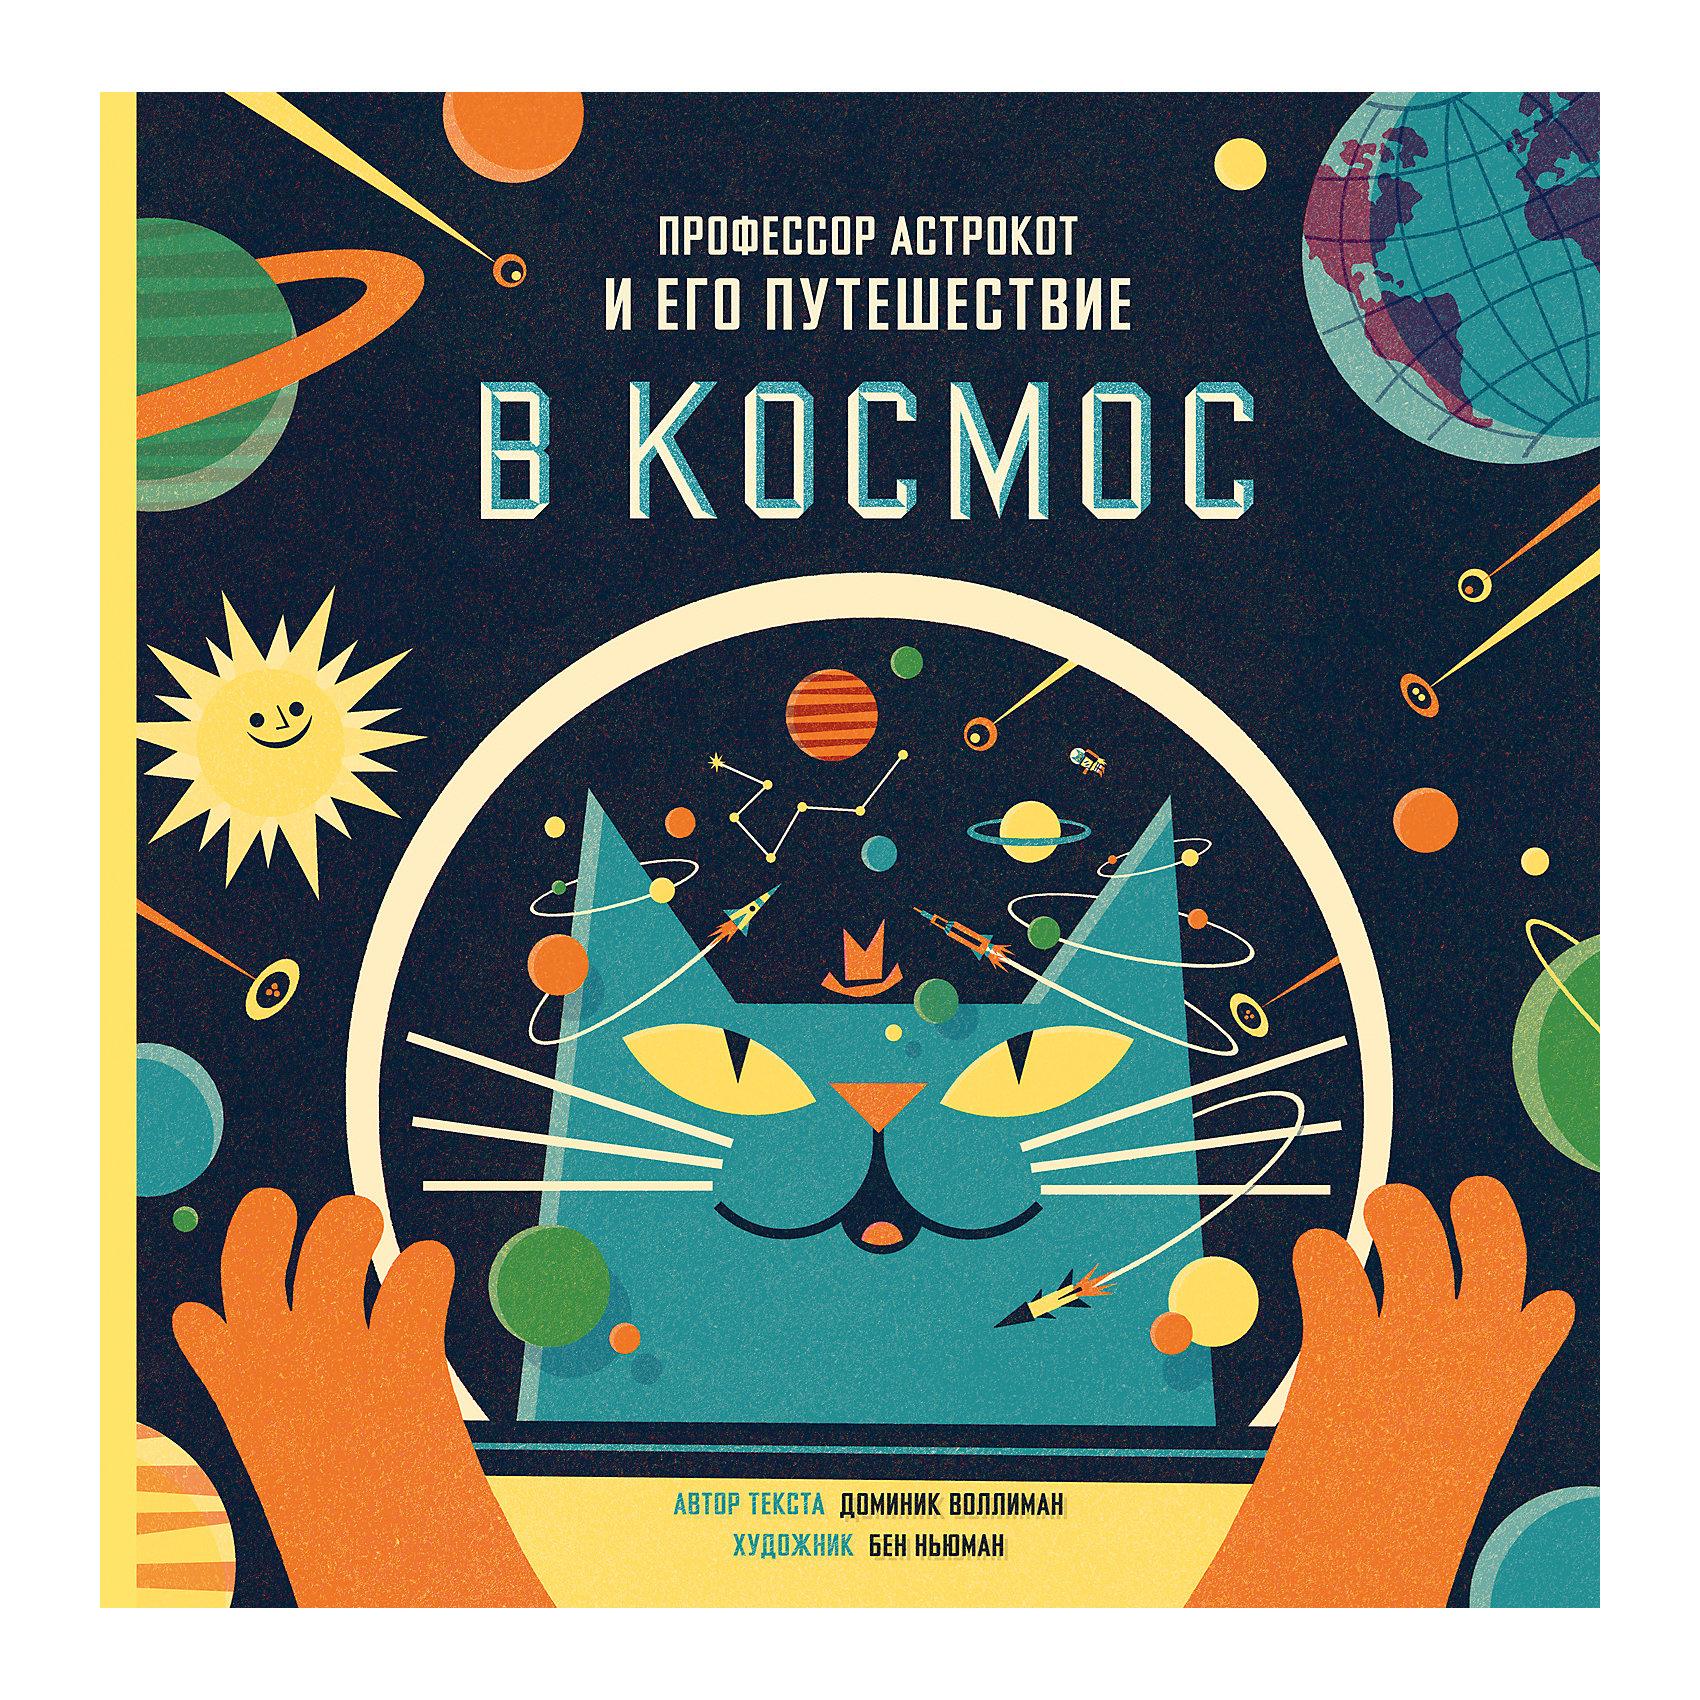 Профессор Астрокот и его путешествие в космосДетские энциклопедии<br>Увлекательная и красочная книга о космосе Профессор Астрокот и его путешествие в космос прекрасно подойдет в качестве подарка и займет достойное место в домашней библиотеке. Профессор Астрокот приглашает всех желающих в космическое путешествие, из которого Ваш ребенок узнает много интересного про звёзды и галактики, планеты и их спутники, кометы и астероиды, ракеты и  космонавтов, а также приоткроет тайну возникновения нашей Вселенной и даже заглянет в её будущее. Куда уходит на ночь Солнце? Что скрывает темная сторона Луны? Как рождаются и умирают звезды? Из чего состоят планеты Солнечной системы? - на все эти и другие вопросы Вы найдете ответы на страницах книги. Чудесные красочные иллюстрации и увлекательные рассказы о космосе будут интересны детям всех возрастов.<br><br>Дополнительная информация:<br><br>- Автор: Доминик Воллиман.<br>- Художник: Бен Ньюман.<br>- Переплет: твердая обложка.<br>- Иллюстрации: цветные.<br>- Объем: 64 стр. <br>- Размер: 29,7 x 29,5 x 1,5 см.<br>- Вес: 0,784 кг. <br><br>Книгу Профессор Астрокот и его путешествие в космос, Манн, Иванов и Фербер, можно купить в нашем интернет-магазине.<br><br>Ширина мм: 297<br>Глубина мм: 295<br>Высота мм: 15<br>Вес г: 794<br>Возраст от месяцев: 72<br>Возраст до месяцев: 144<br>Пол: Унисекс<br>Возраст: Детский<br>SKU: 4414900